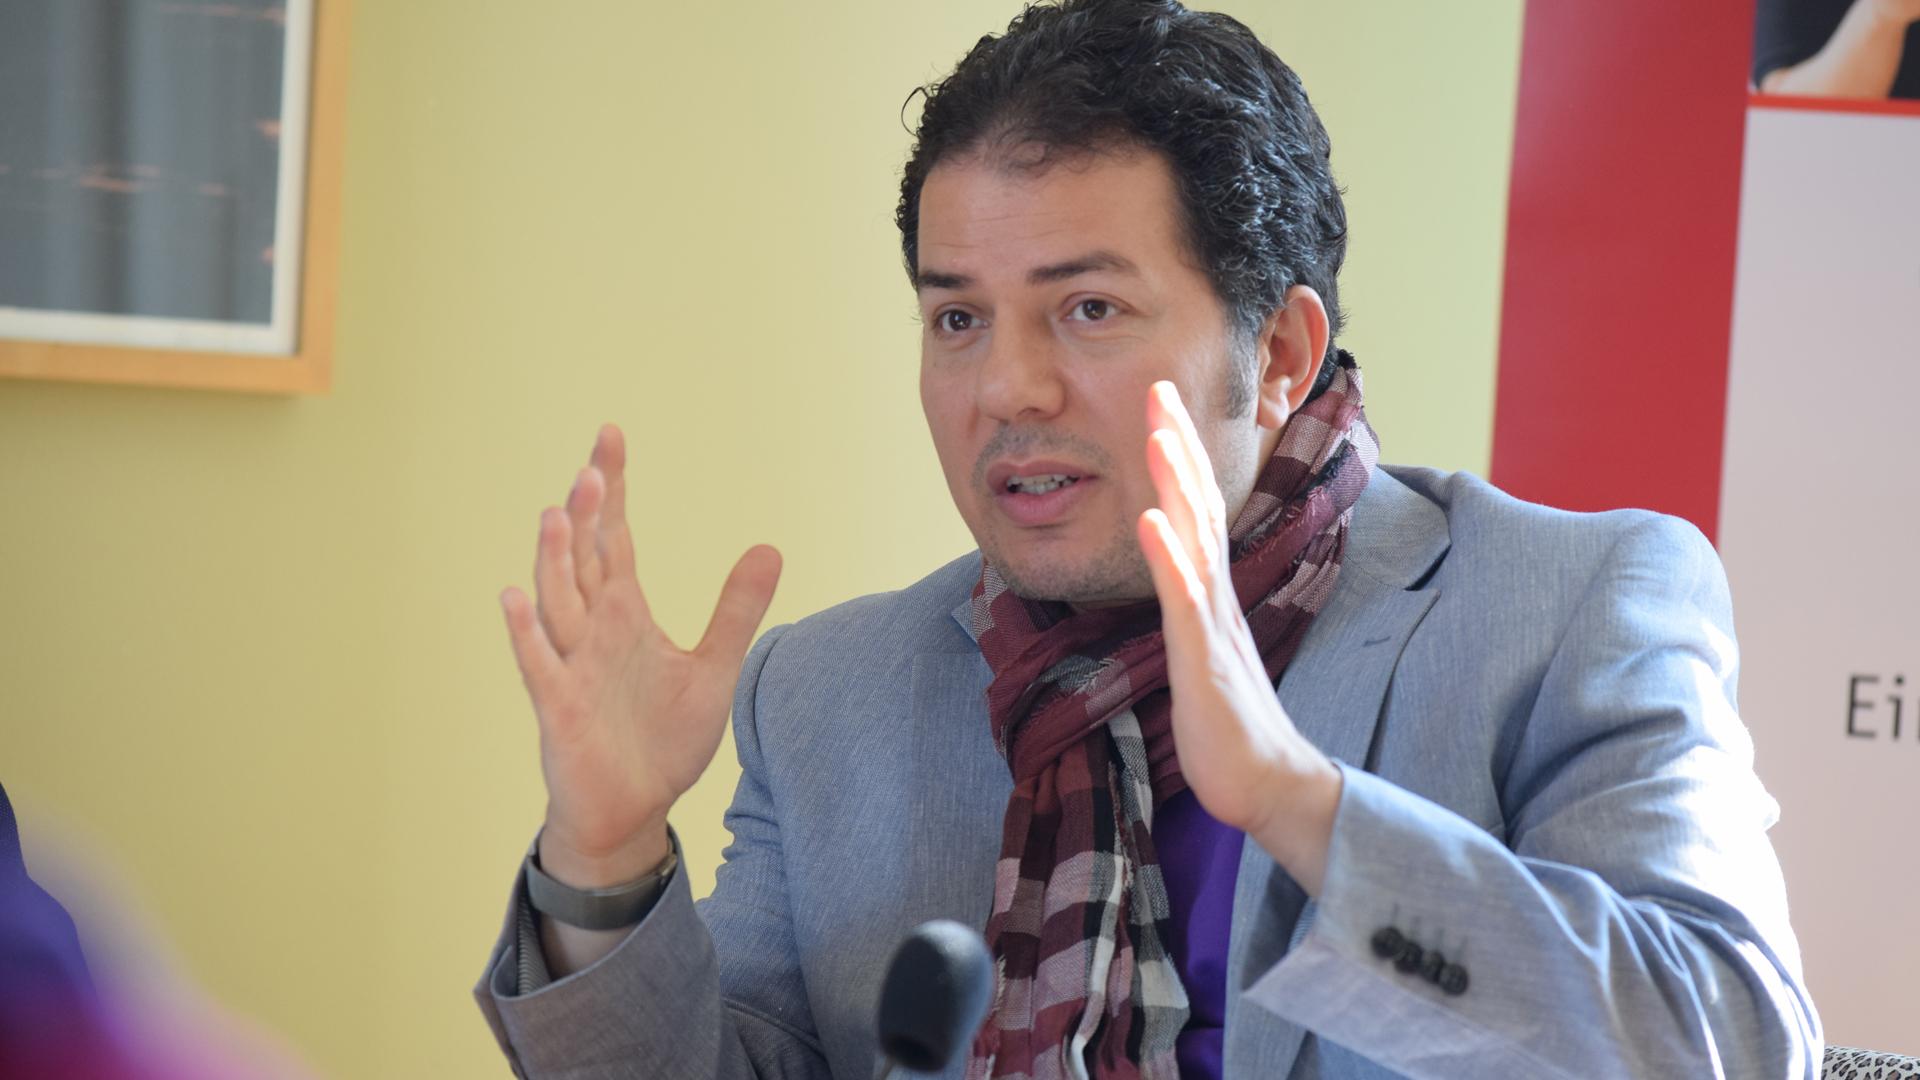 Der Autor Hamed Abdel-Samad warf in Passau den christlichen Kirchen vor, viel zu spät eine kritische Haltung gegenüber Ditib entwickelt zu haben (Archivbild)